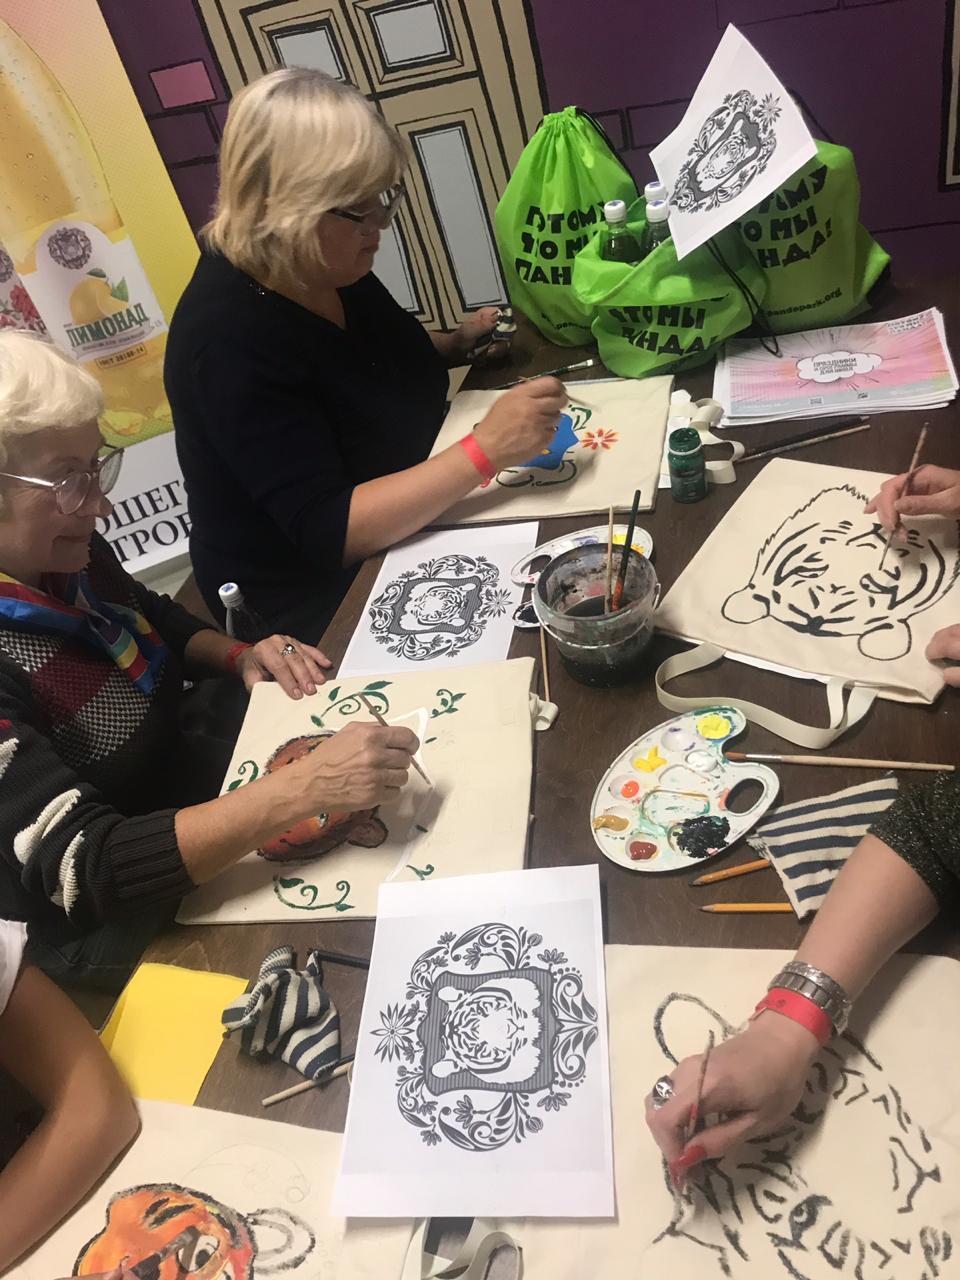 Шмаковские лимонады на мастер классе по росписи эко-сумок